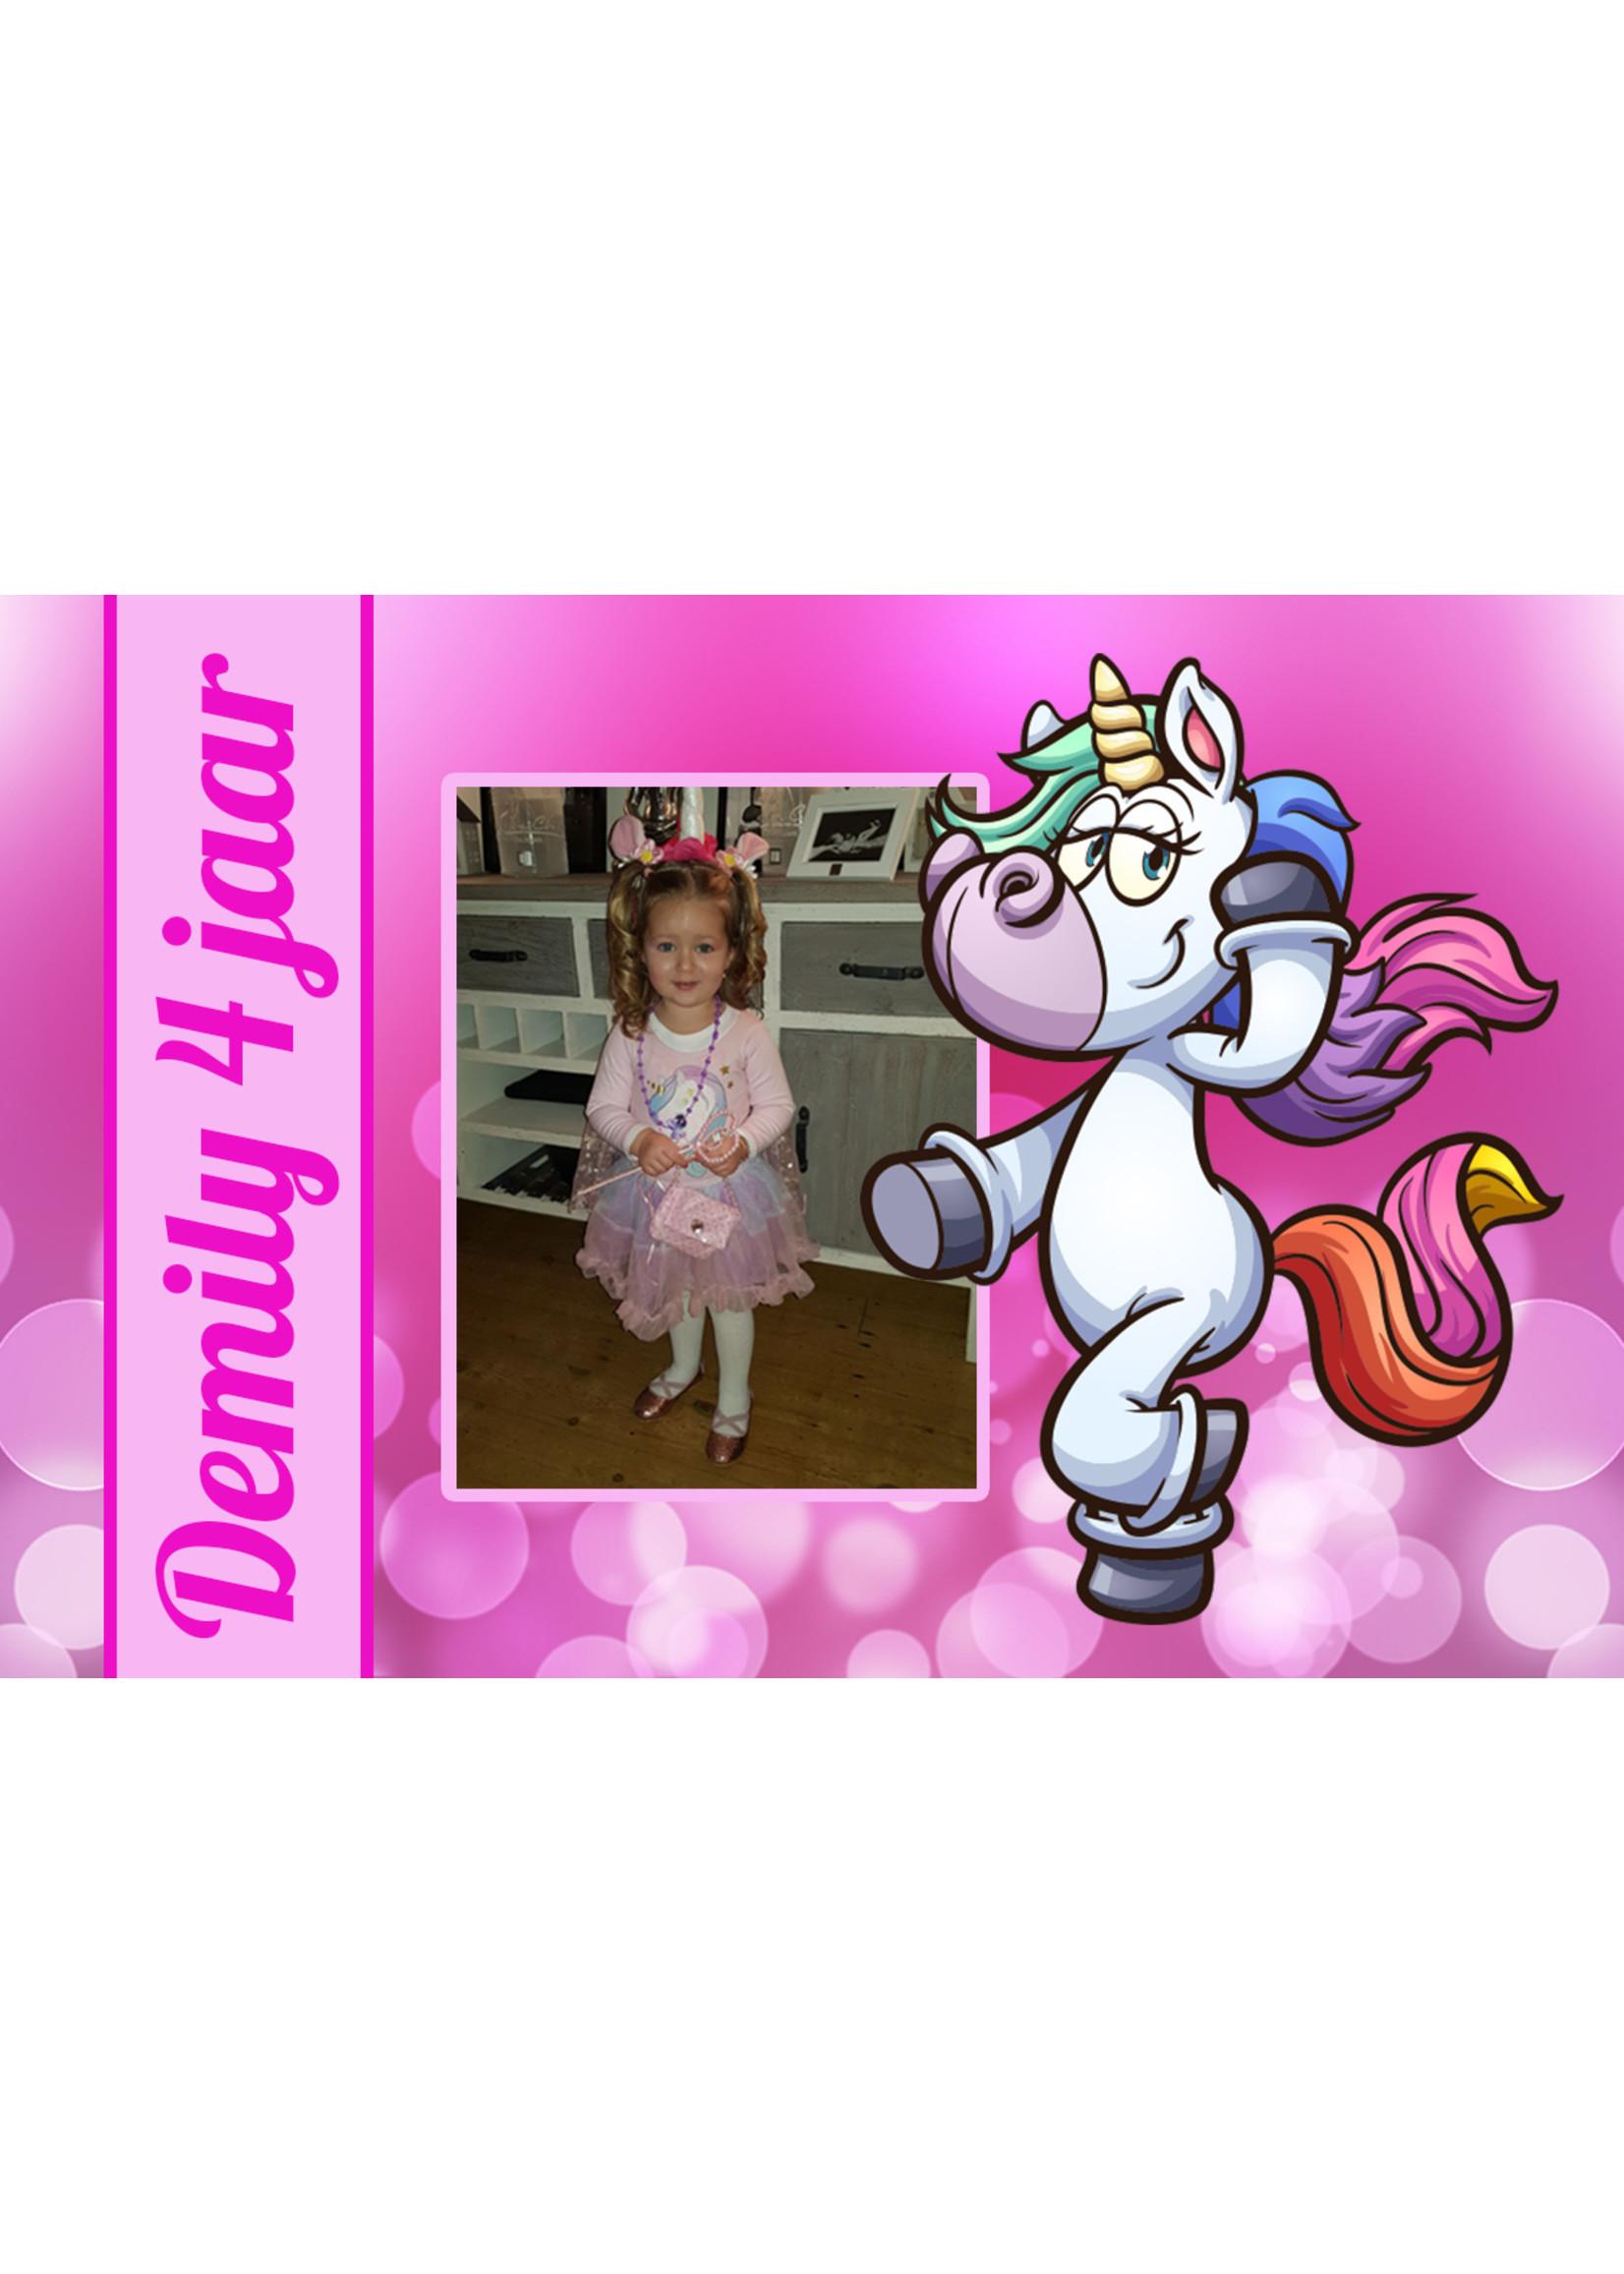 Bellenblaas unicorn met foto